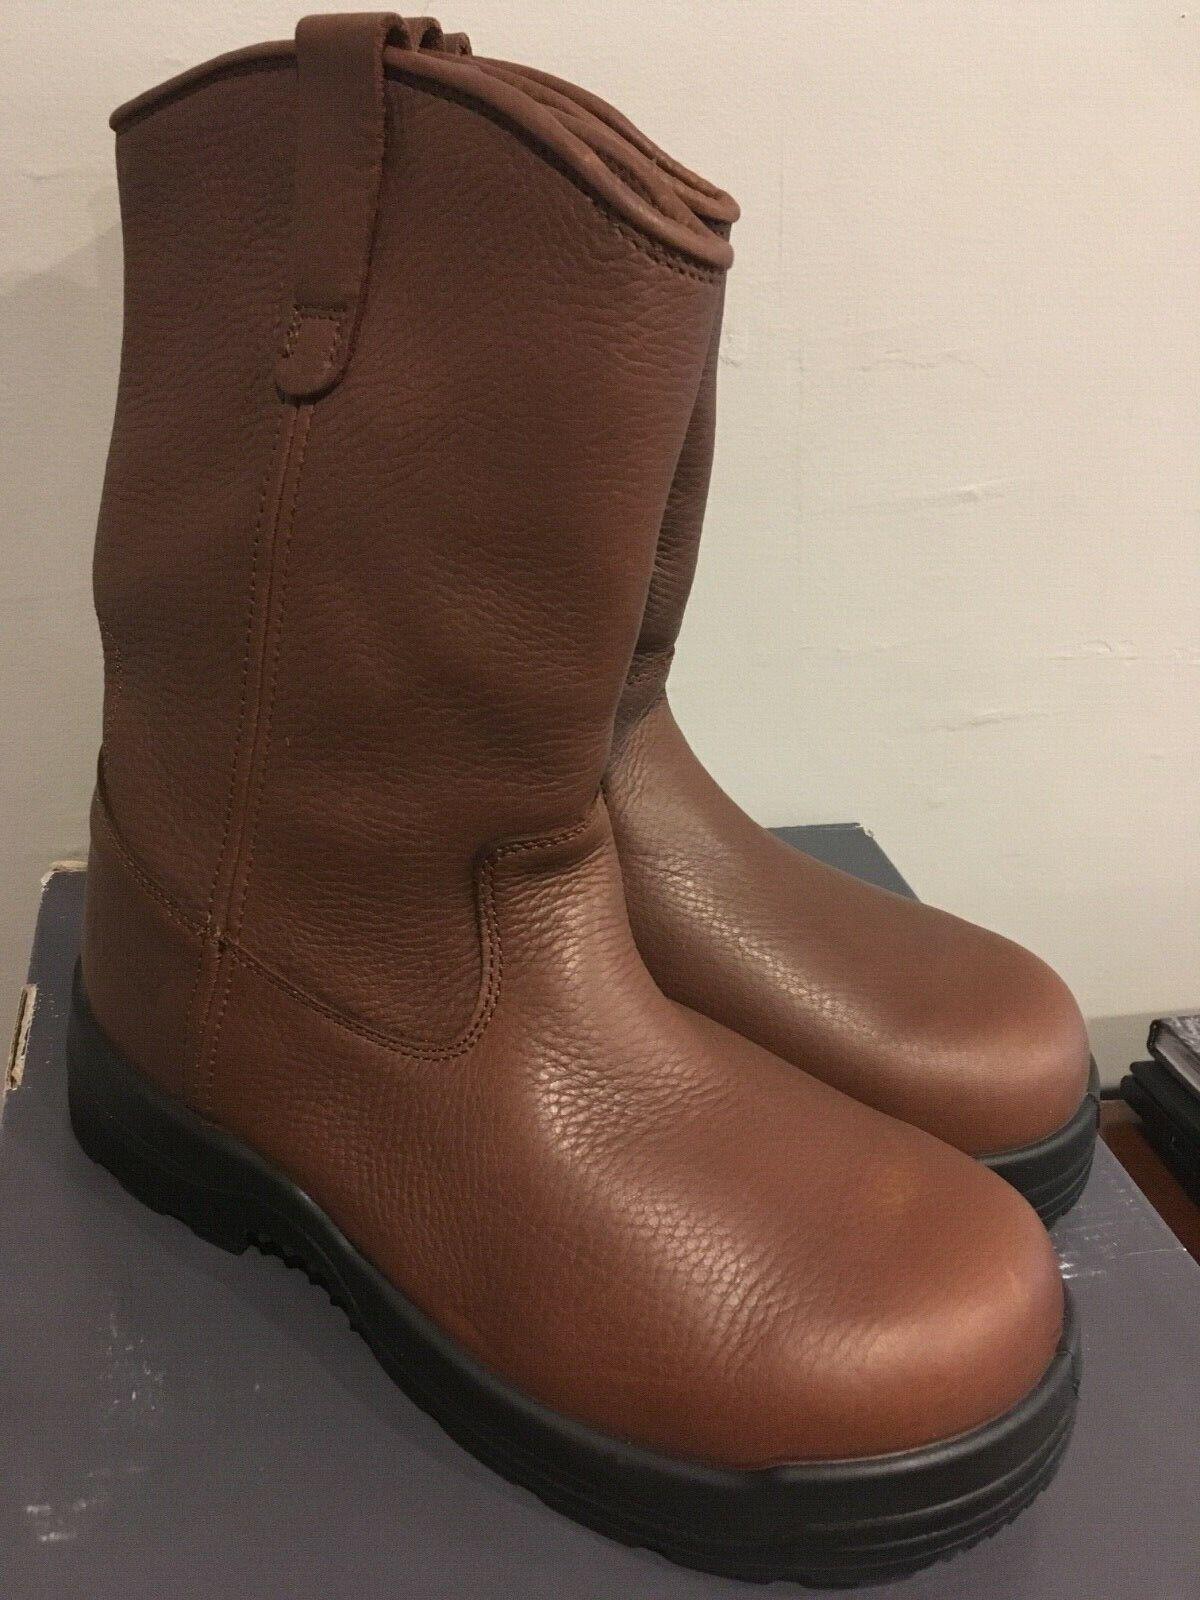 Rockport Wellington Tire de Zapato Puntera Bota De Seguridad Comp RK6982 ESD DR nominal